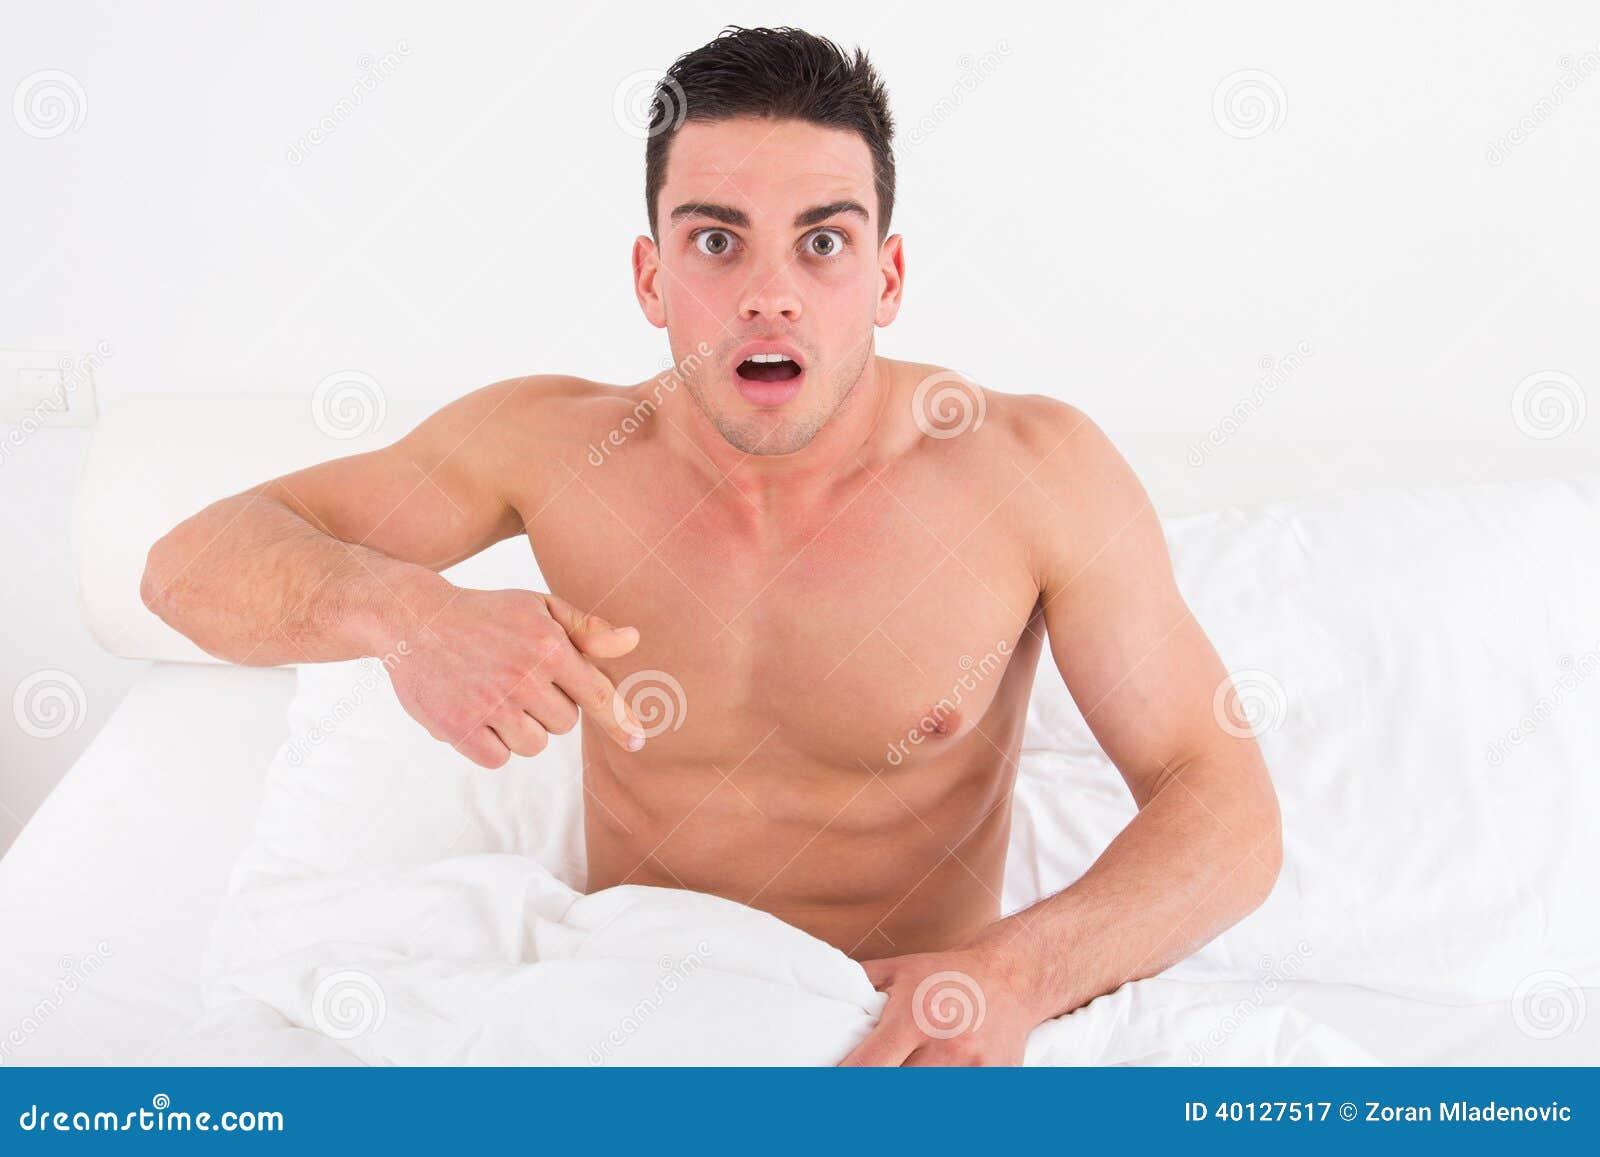 Jovenes desnudos gay boys, los mejores videos xxx